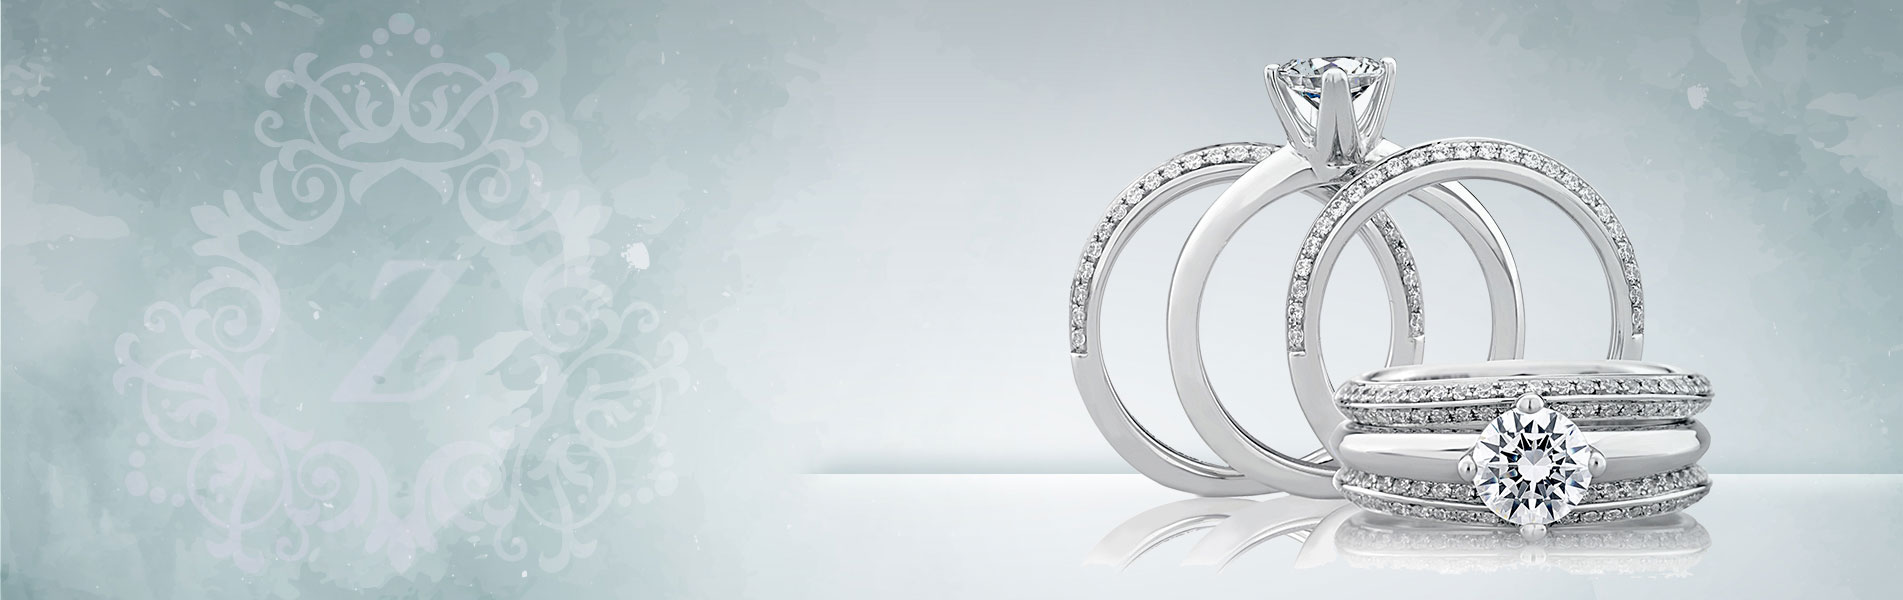 گالری طلا و جواهرات زیوریاب- جدیدترین حلقه های جواهر زنانه و حلقه های ست نامزدی و ازدواج